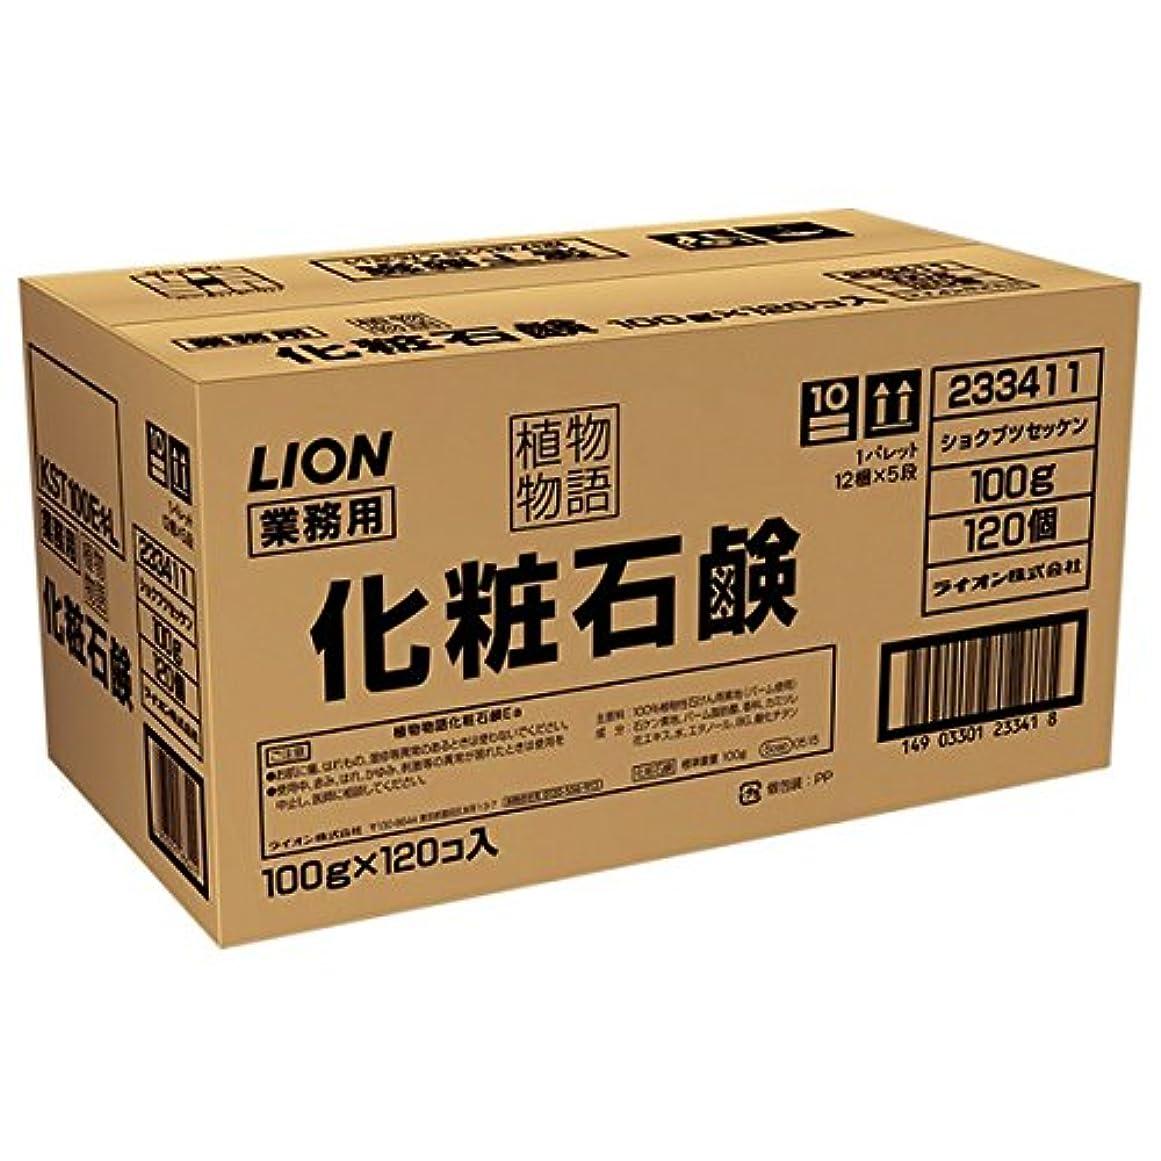 ホールドキッチン美徳ライオン 植物物語 化粧石鹸 業務用 100g 1箱(120個)